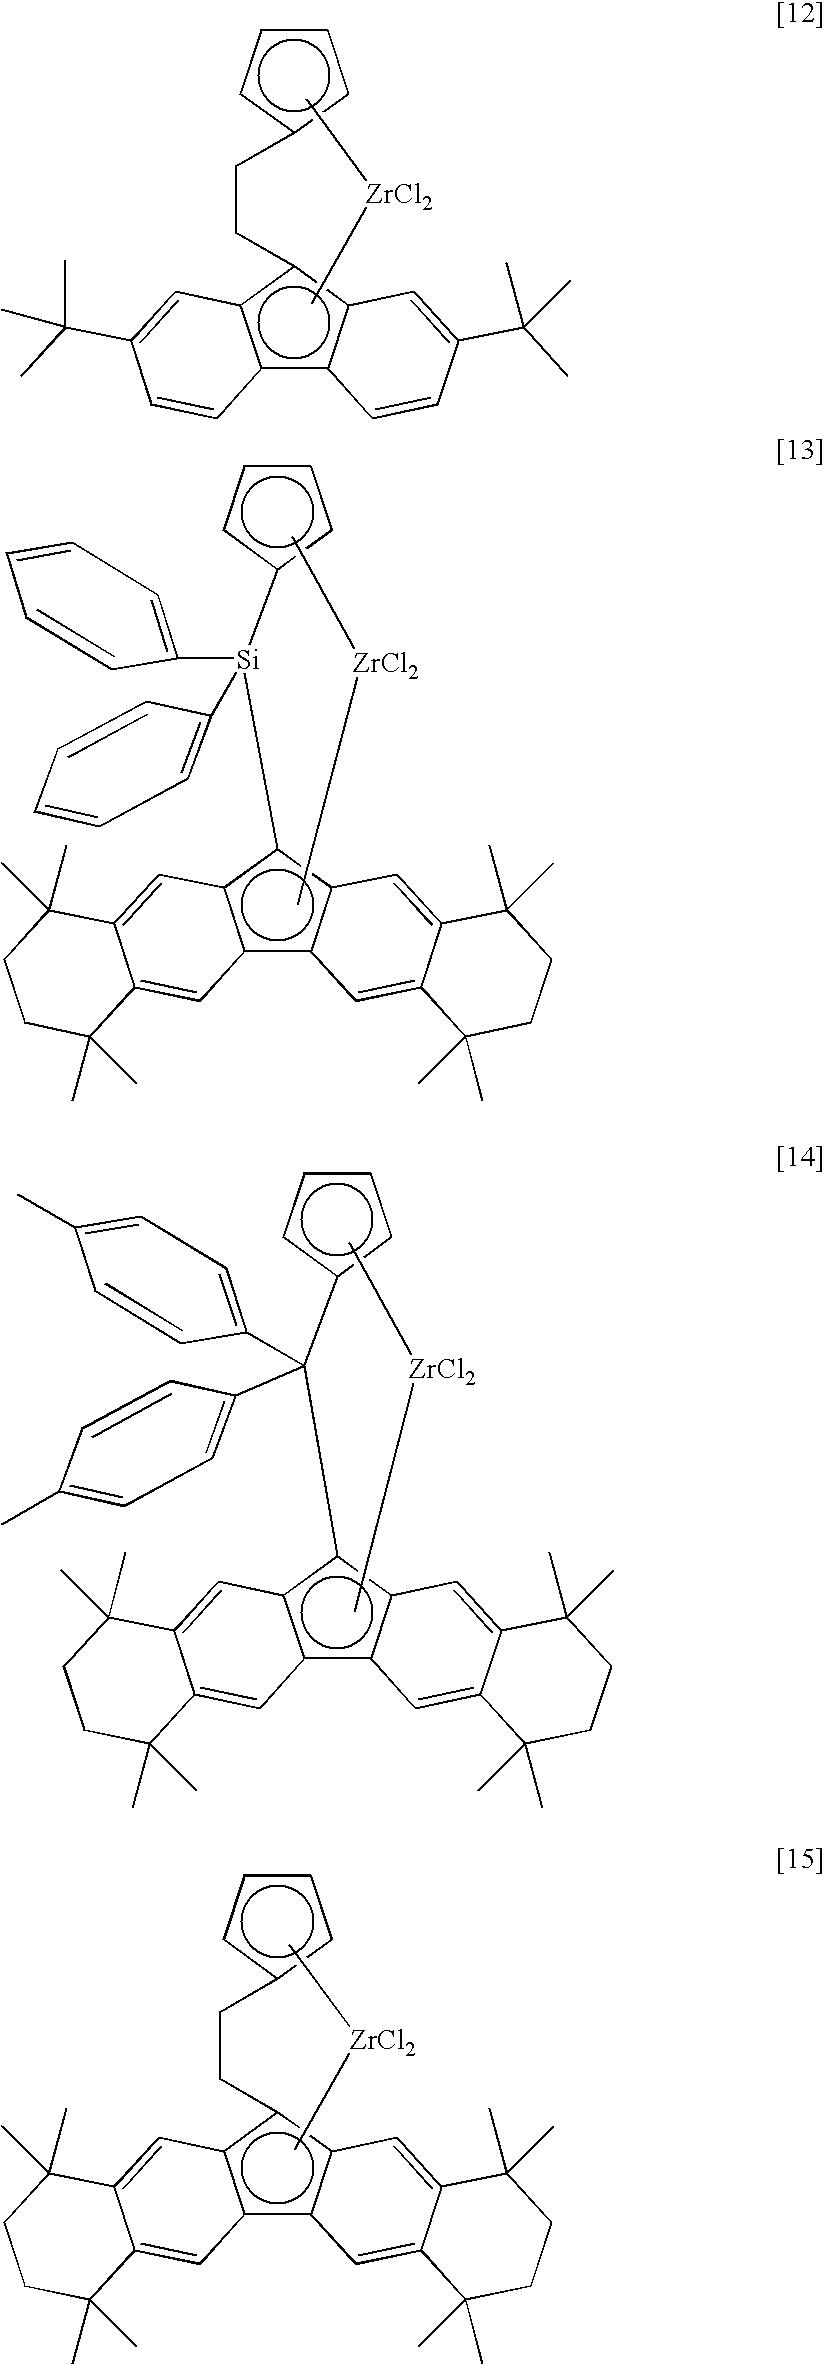 Figure US07795194-20100914-C00006